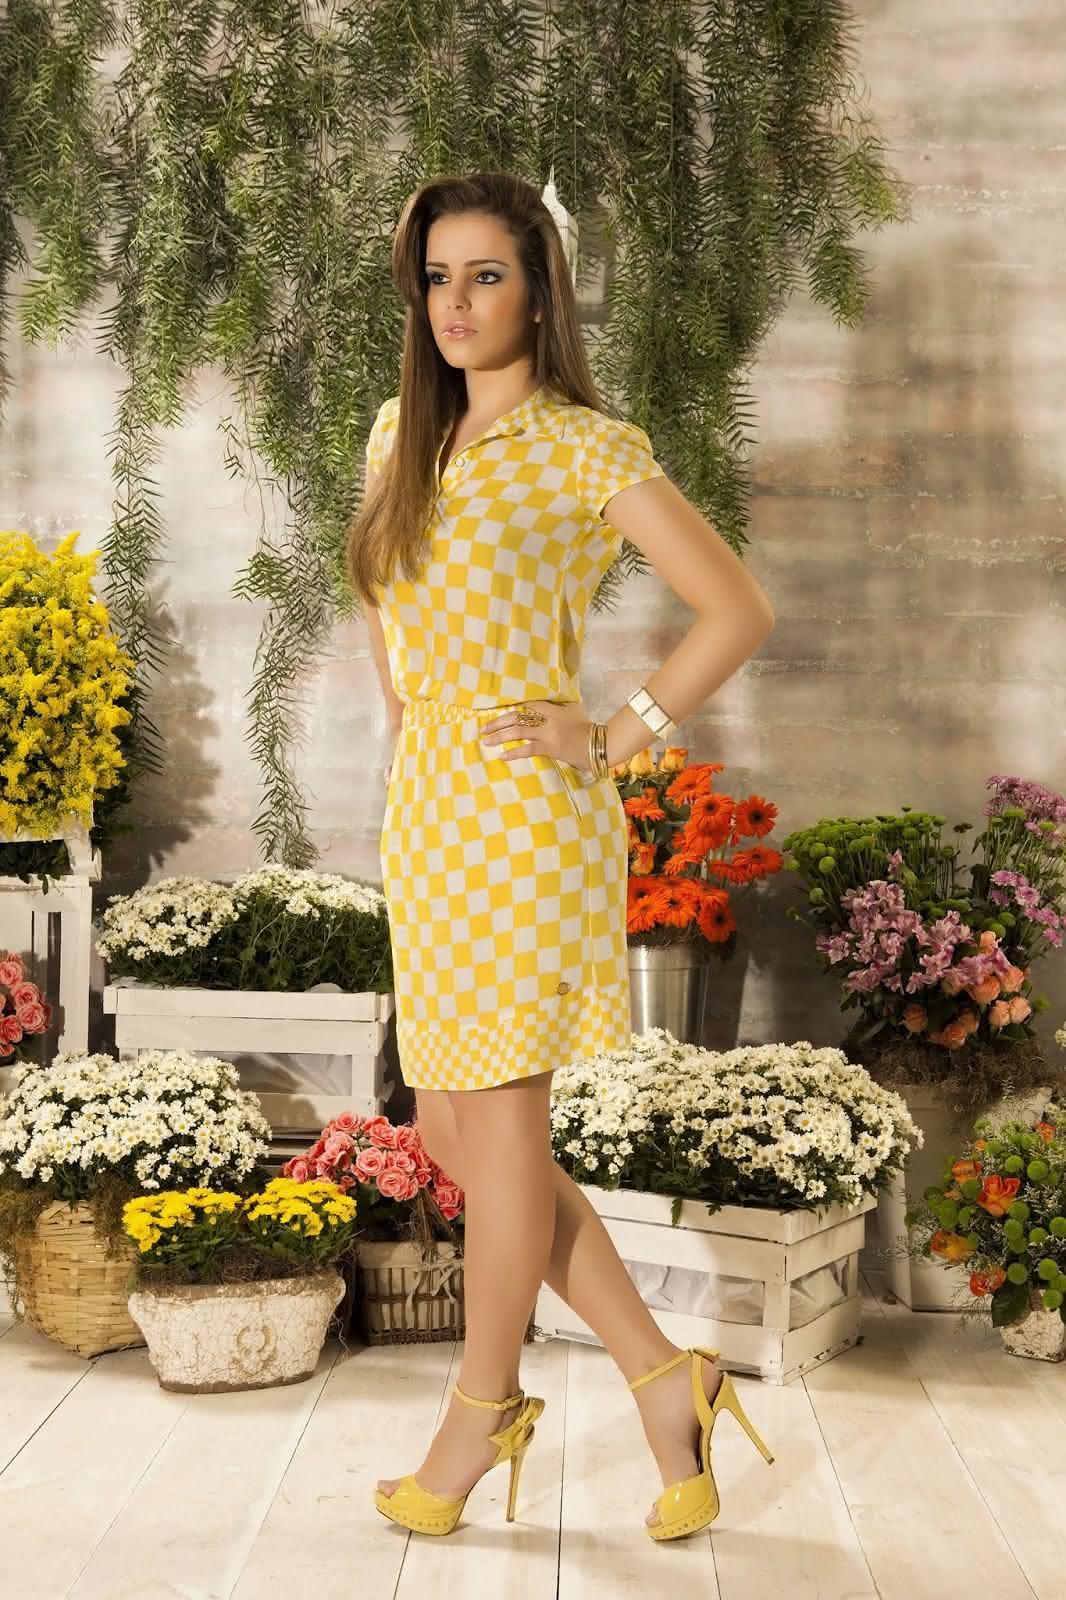 vestido-quadriculado-em-amarelo-rosa-clara-moda-evangelica